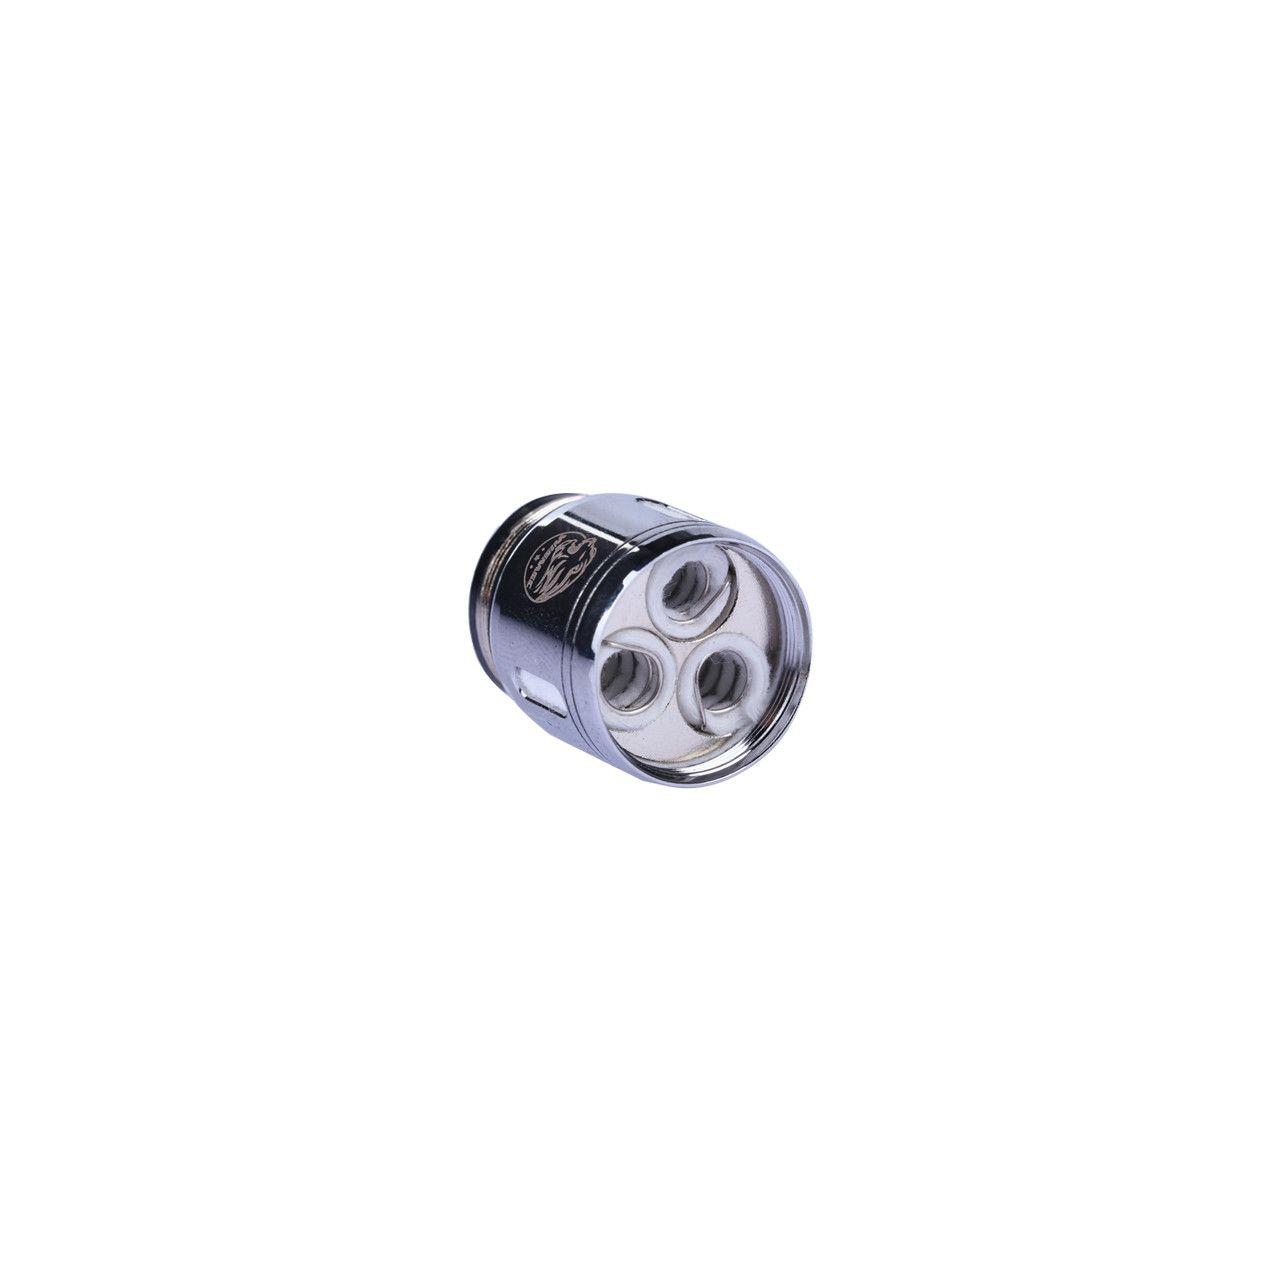 Coil WISMEC WT-V3 0.17ohm p/ Atomizador Wismec KAGE e EXO Skeleton